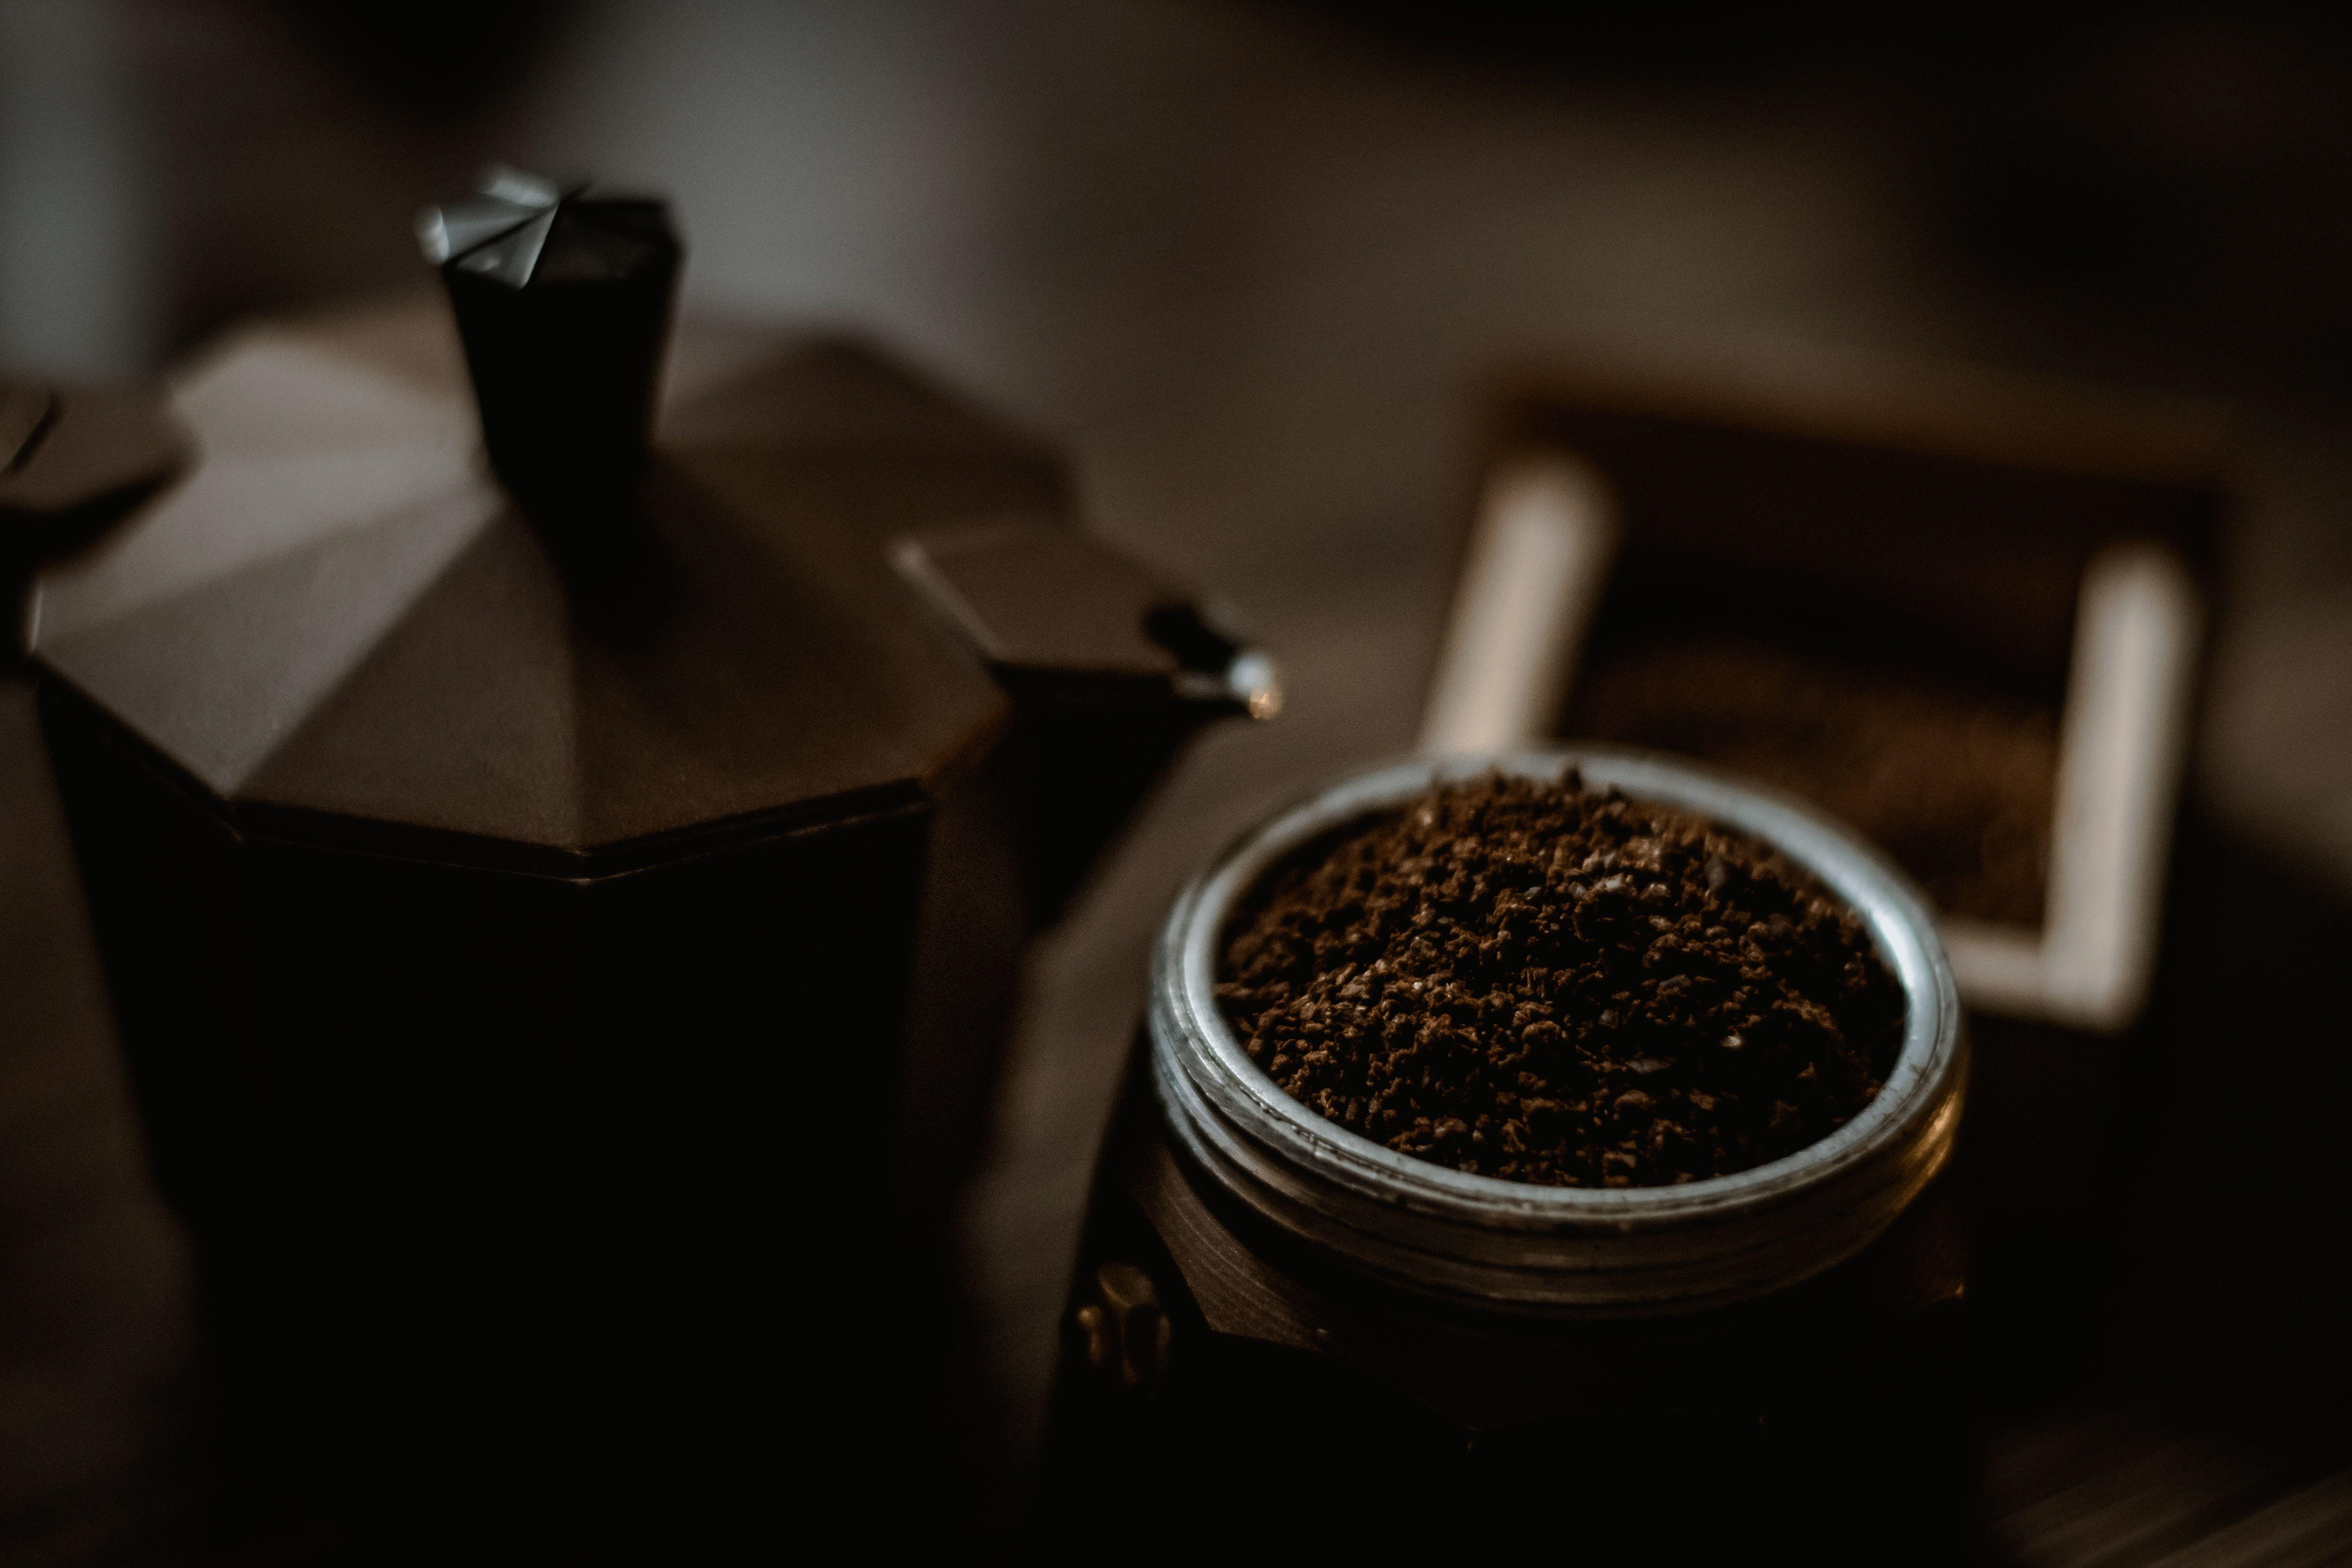 Gli usi segreti della moka, nata per il caffé ma perfetta anche per...